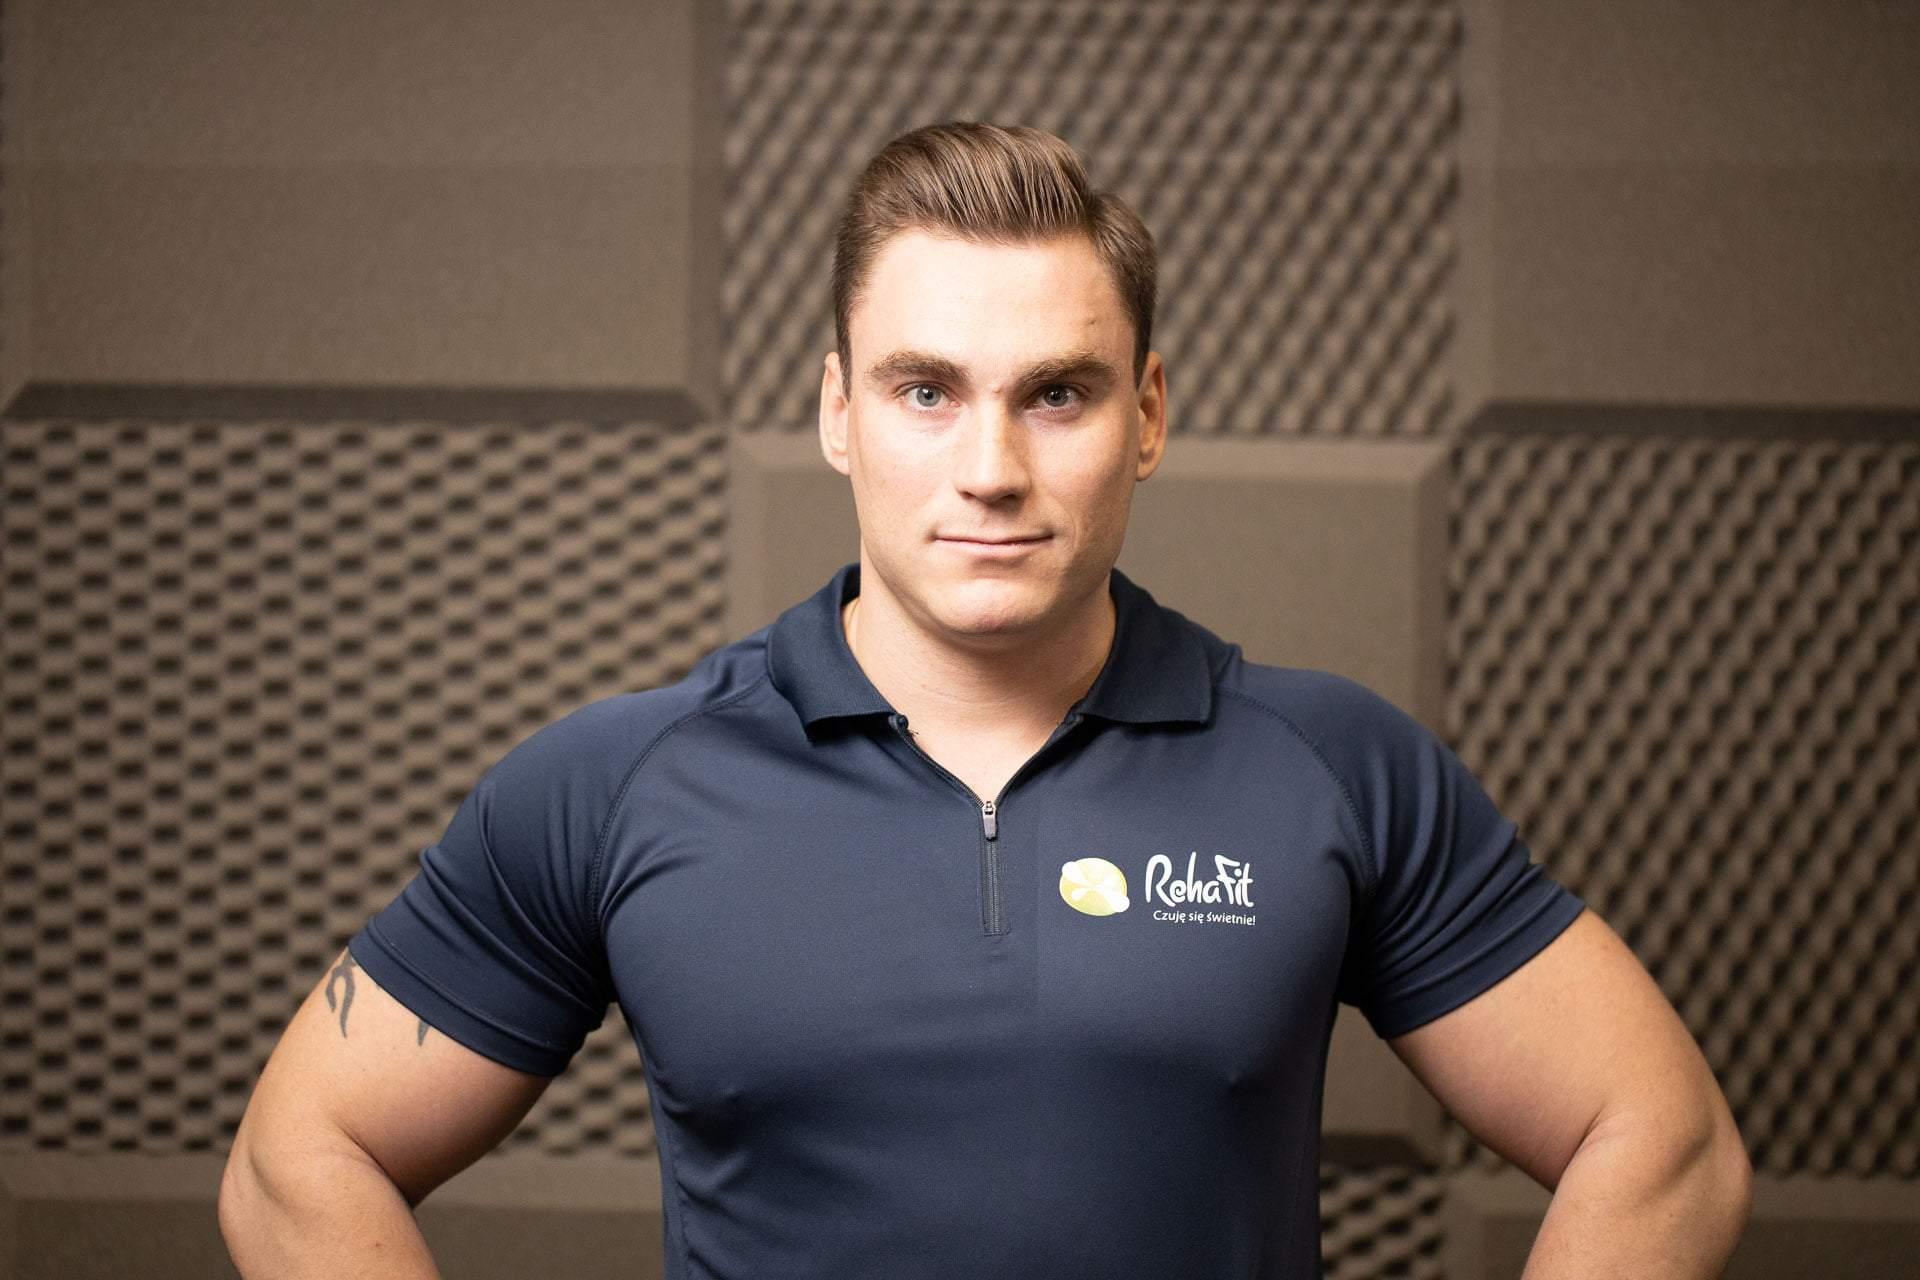 Trener personalny Jędrzej Sokołowski z wrocławskiego centrum rehabilitacji, masażu i treningu personalnego RehaFit.